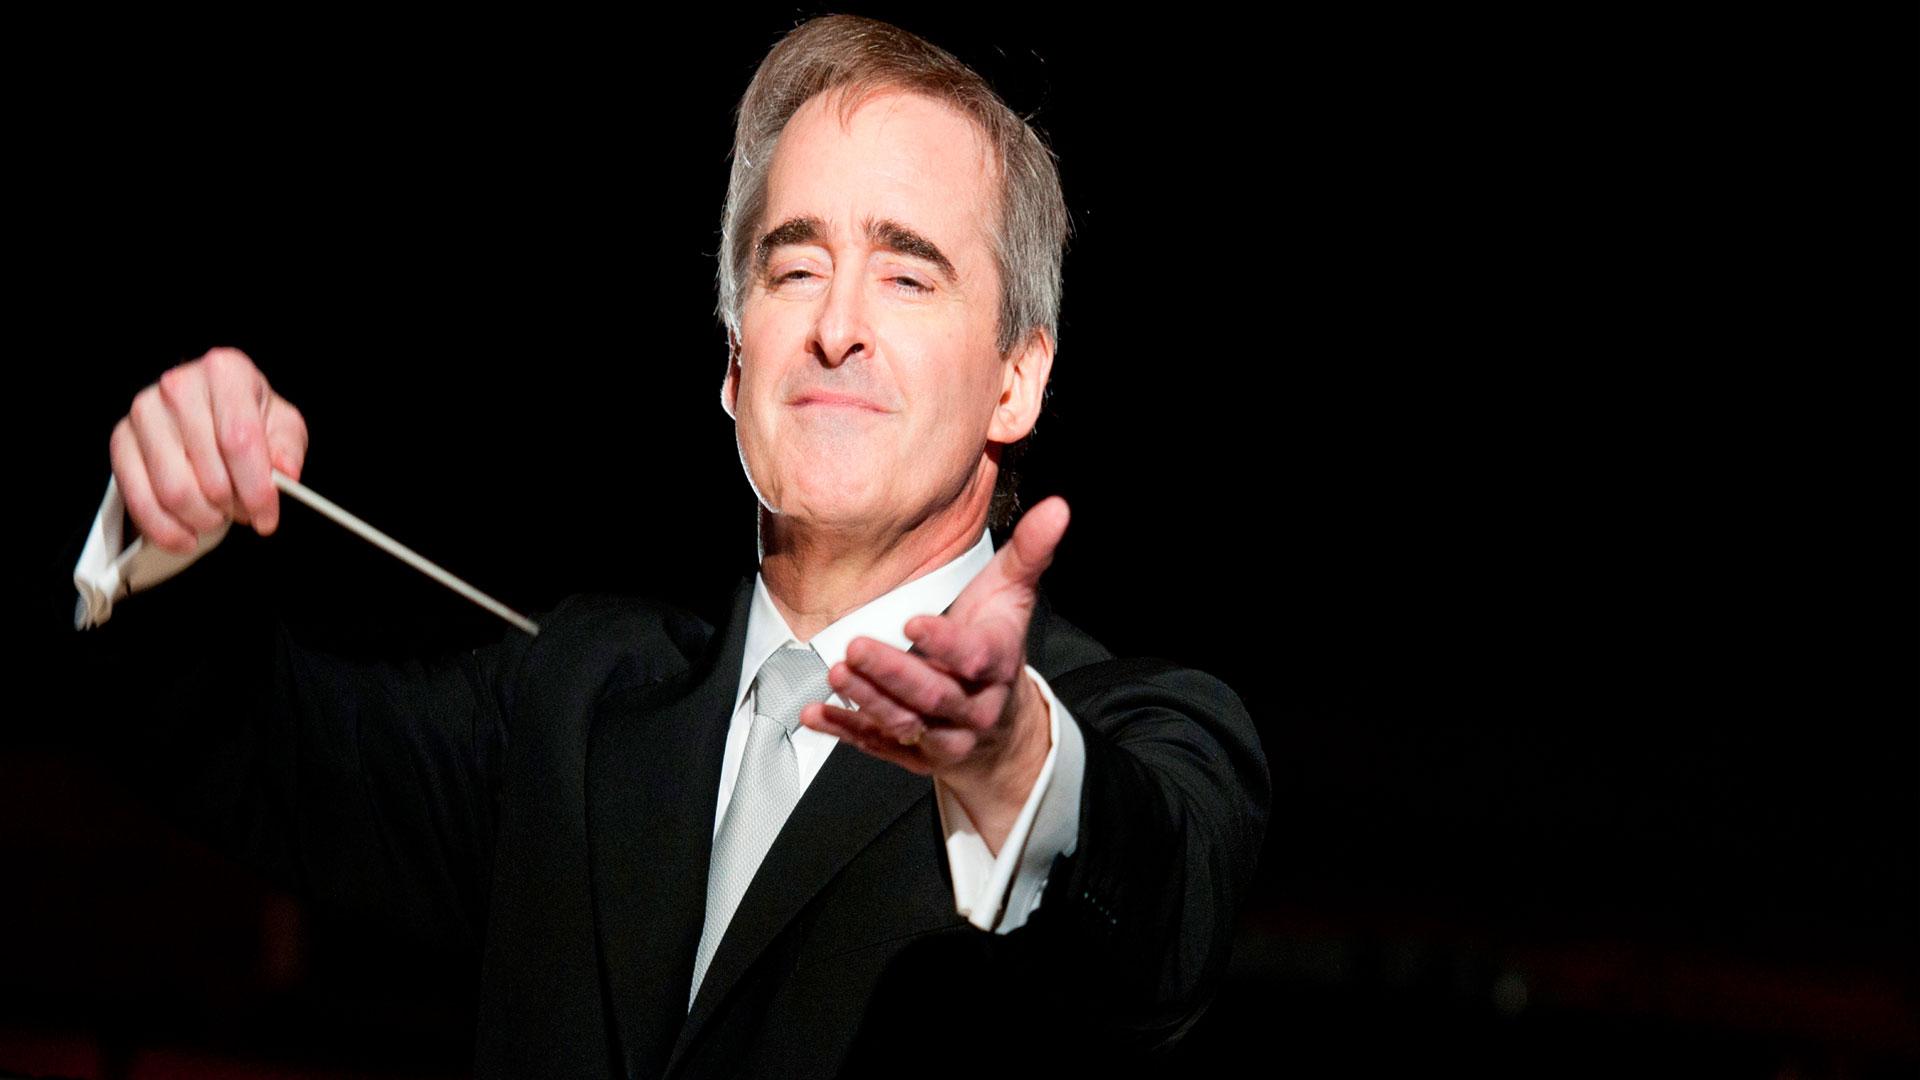 El director de la Ópera de Los Ángeles, James Conlon, dirige la Sinfónica de Galicia en su primer concierto en A Coruña